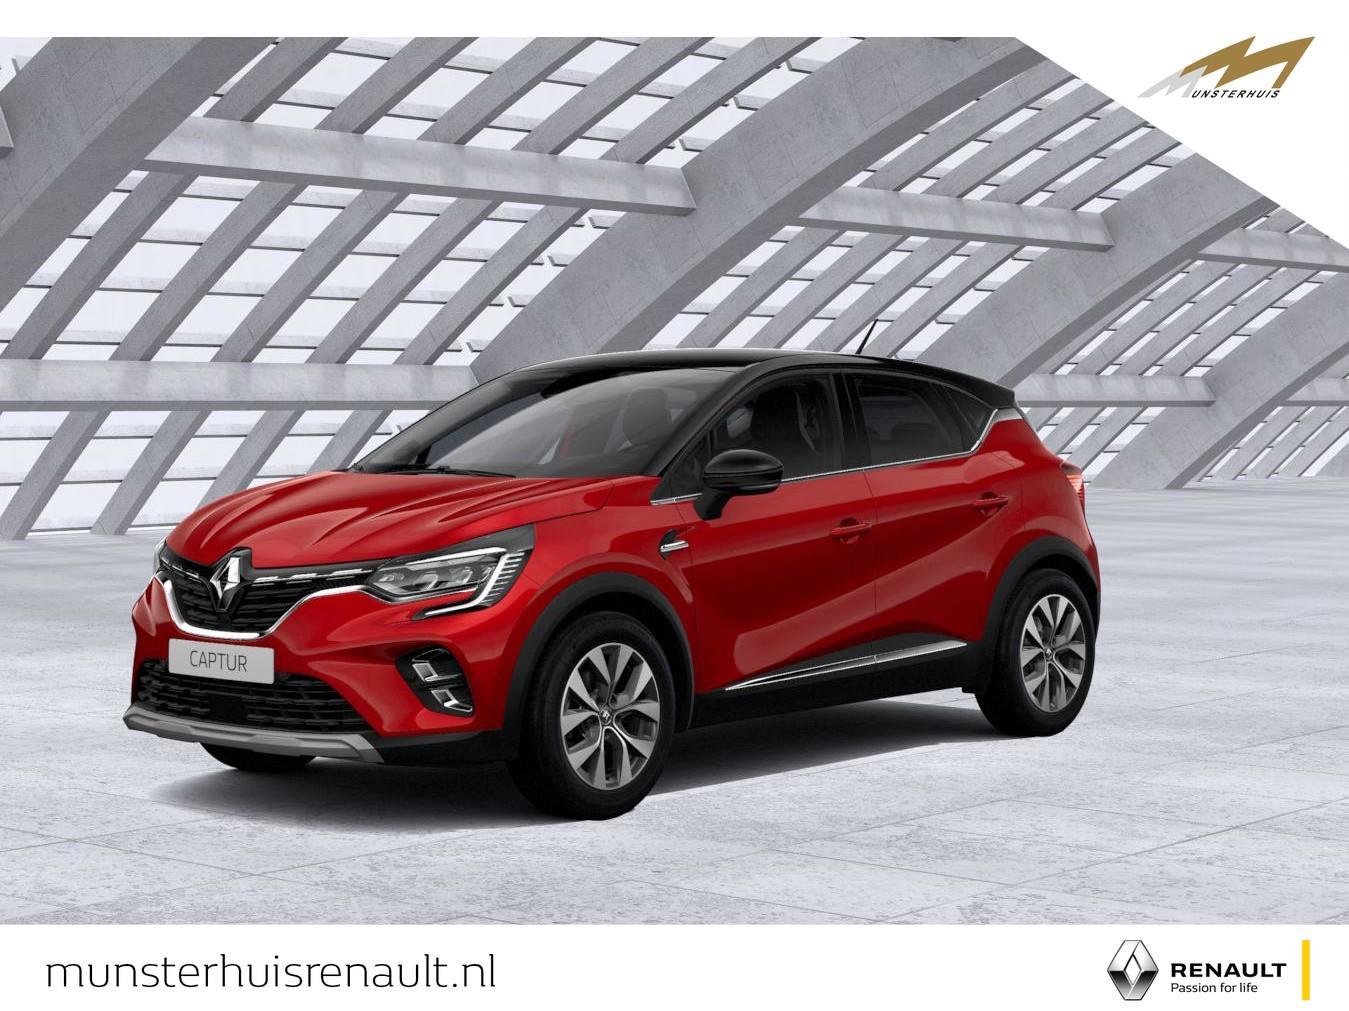 Renault Captur Tce 100 bi-fuel intens - nieuw - lpg-installatie